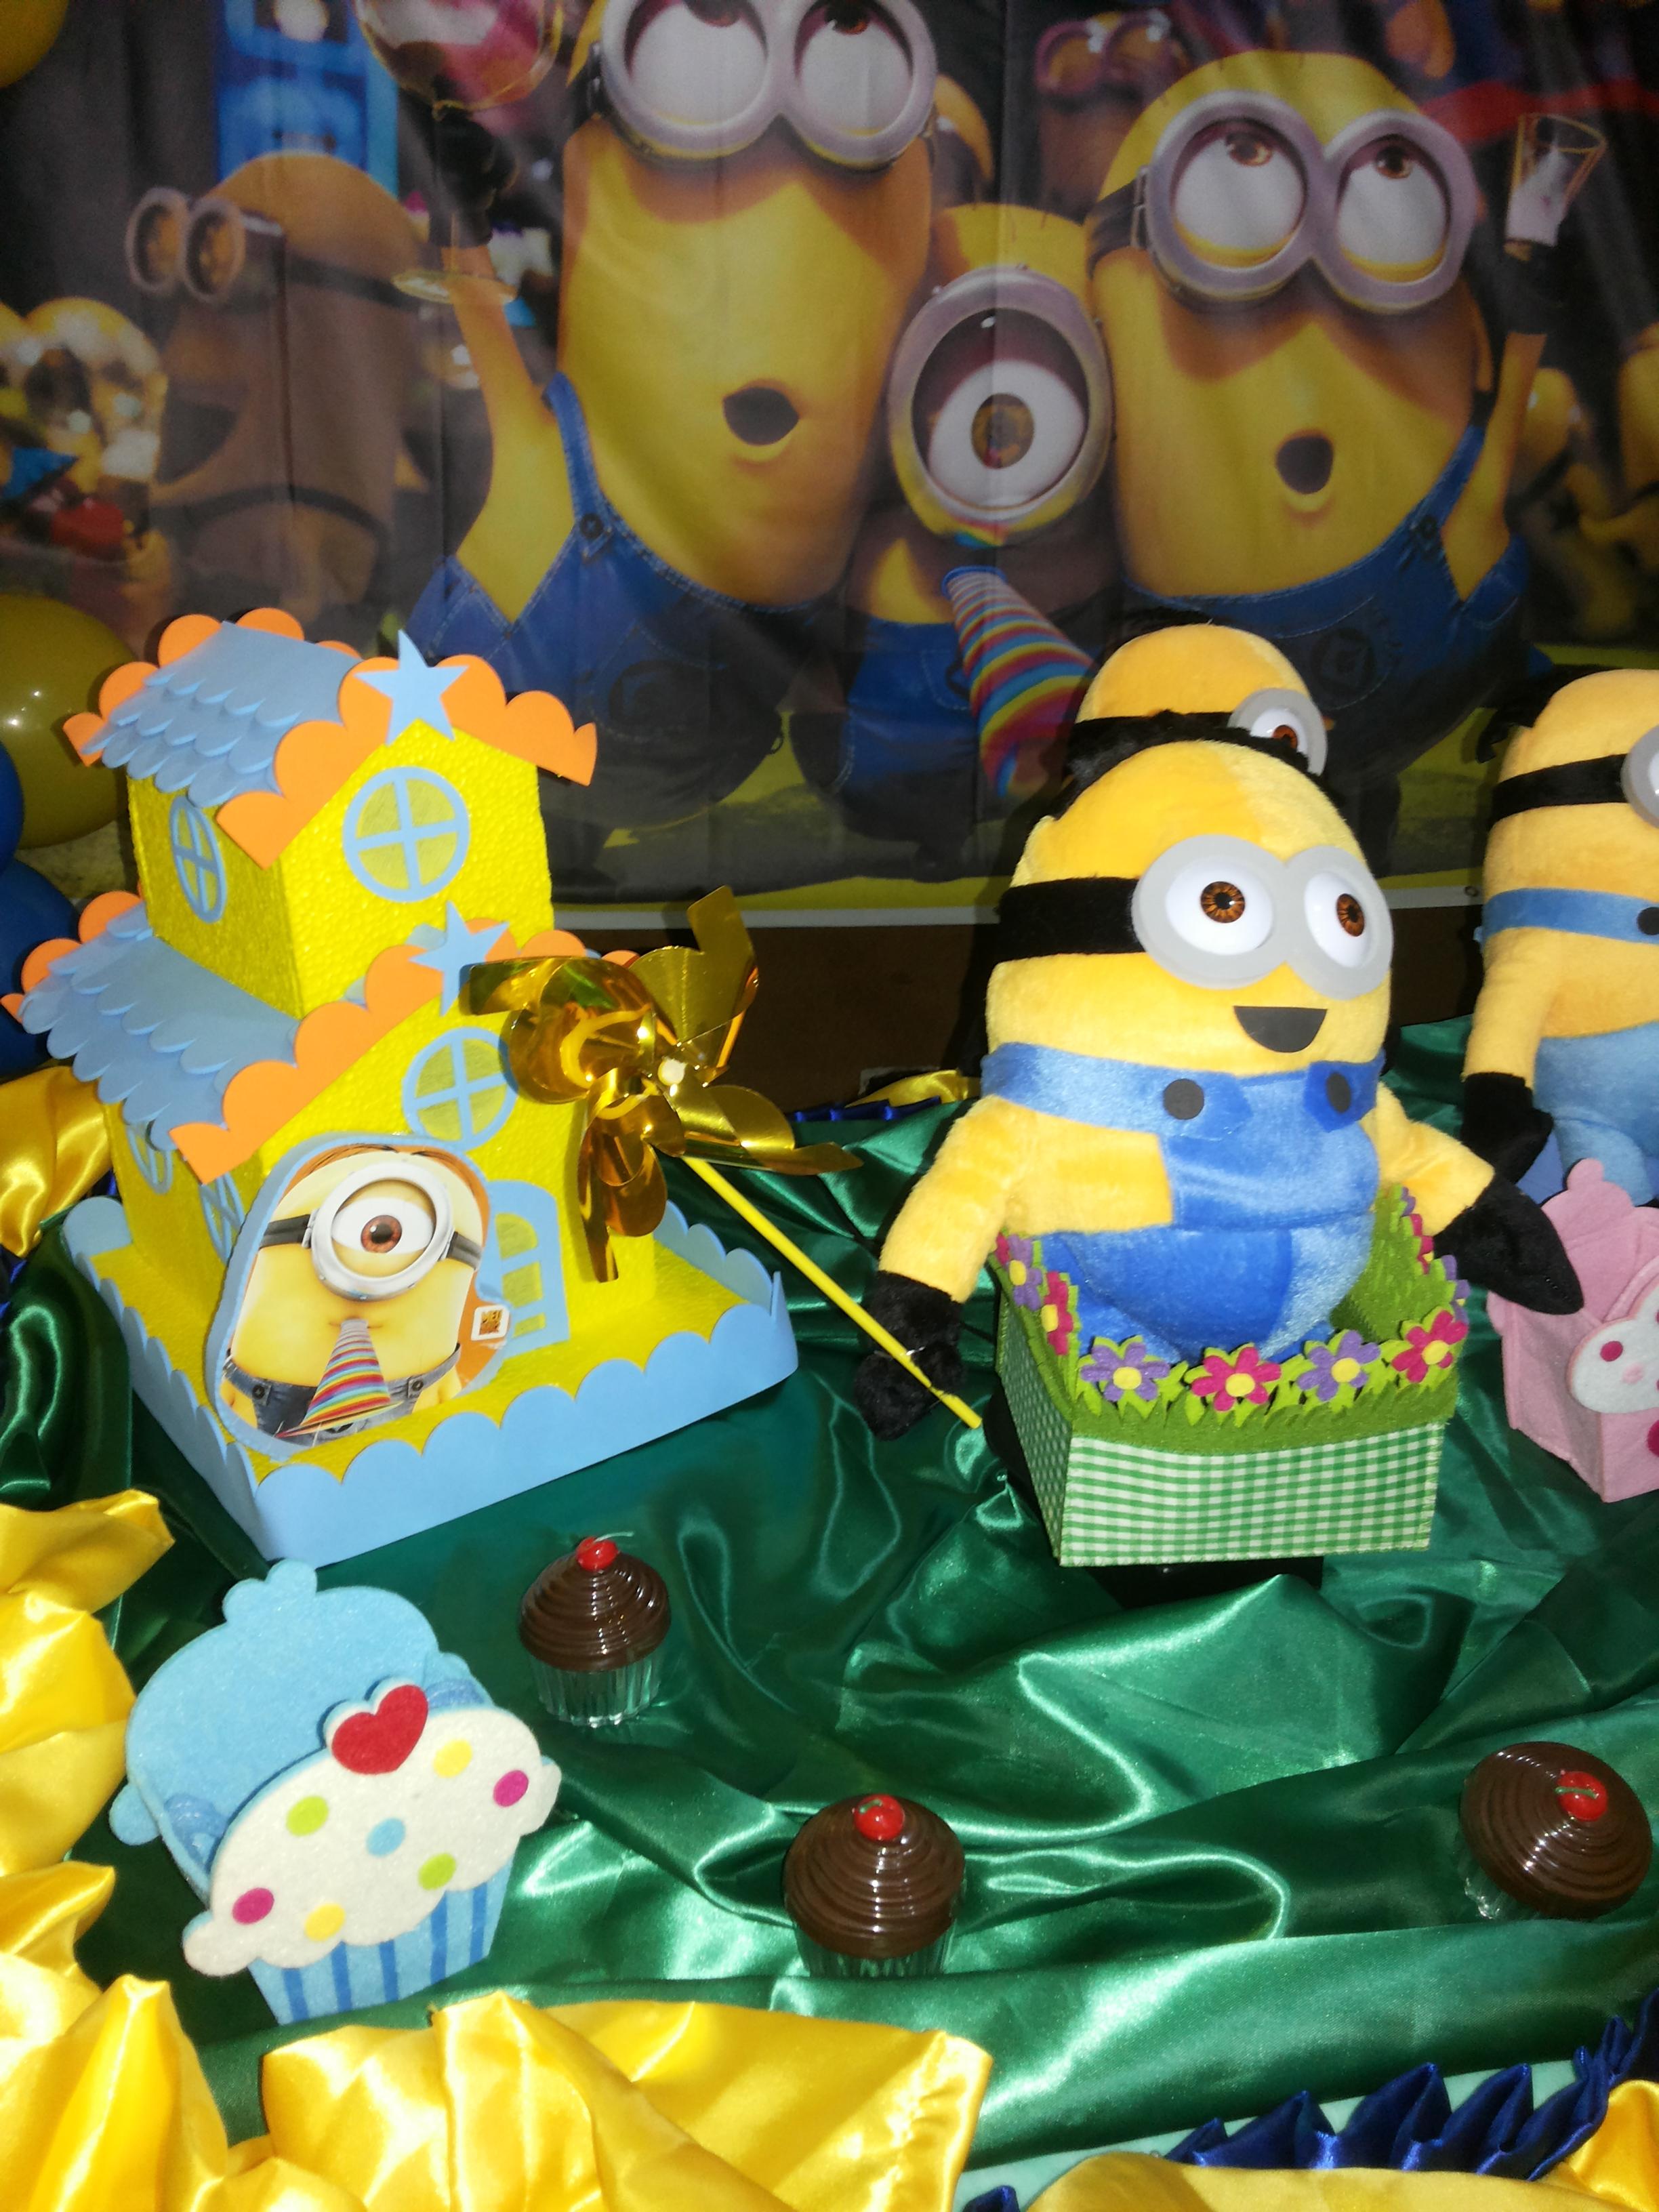 decoracao festa minions : decoracao festa minions:decoracao-de-festa-minions-meu-malvado-favorito decoracao-de-festa